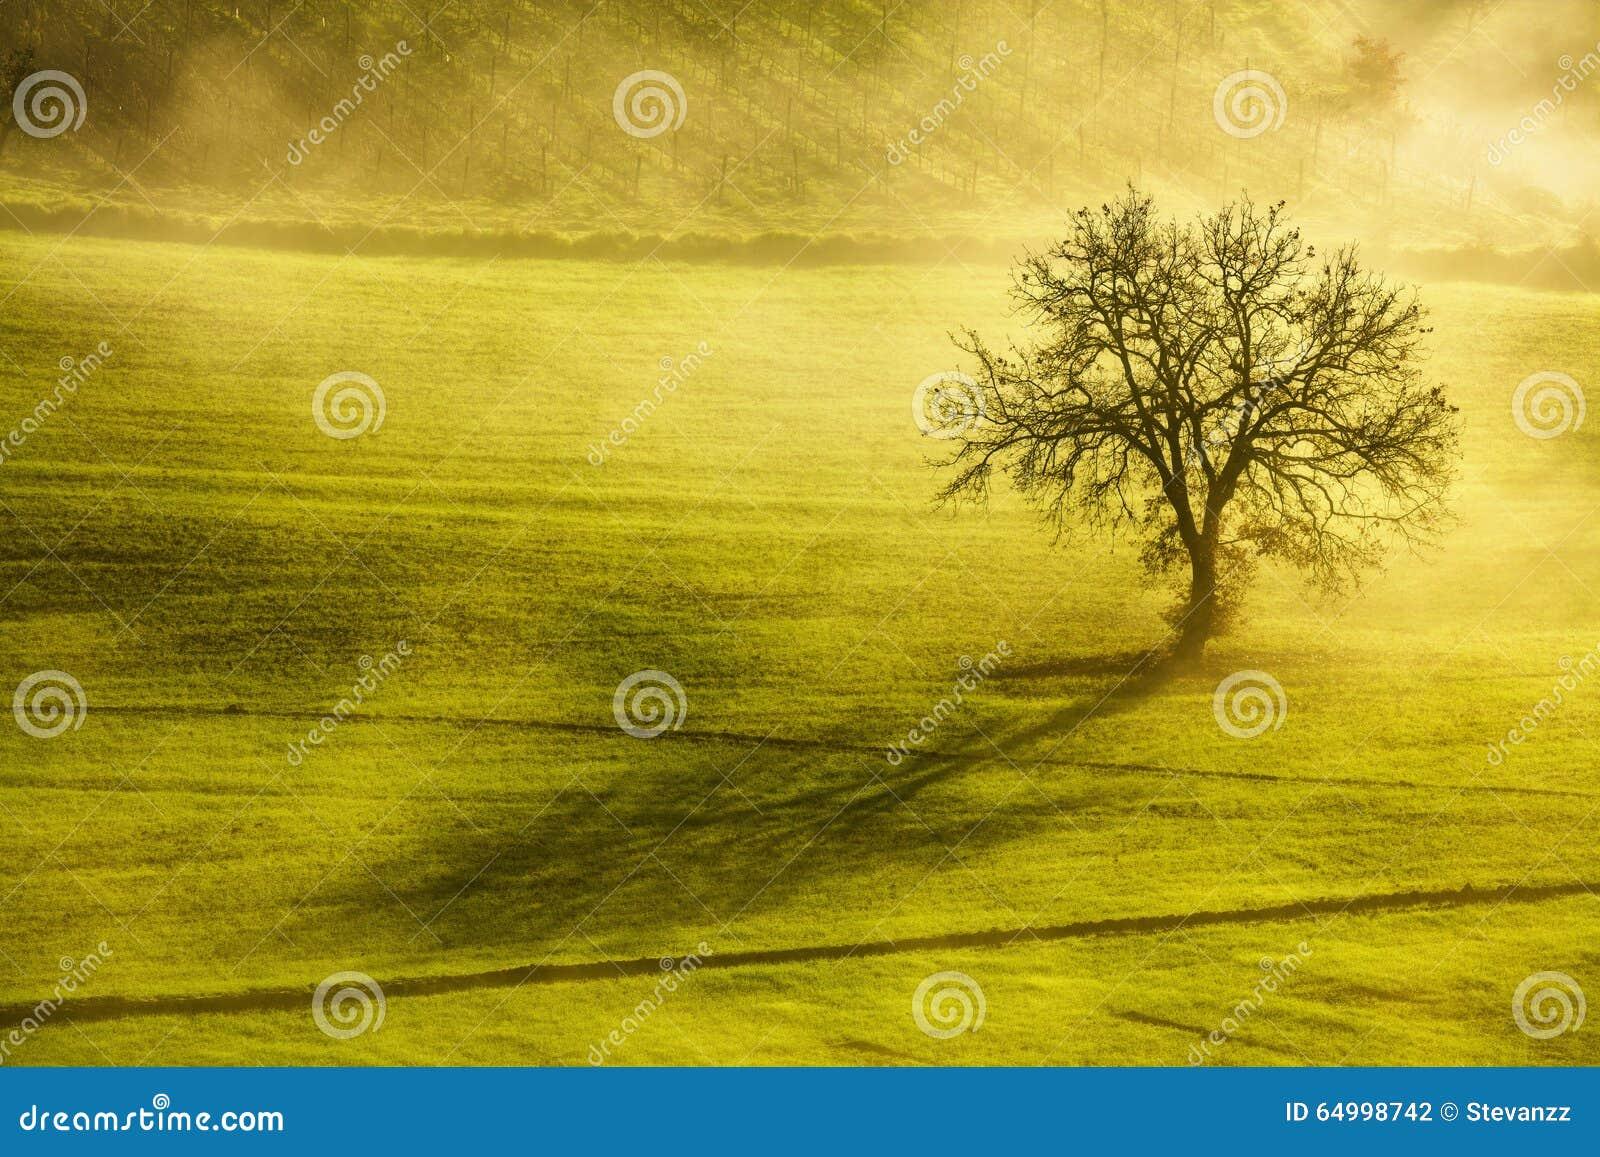 Toskana-Wintermorgen, einsamer Baum und Nebel Italien